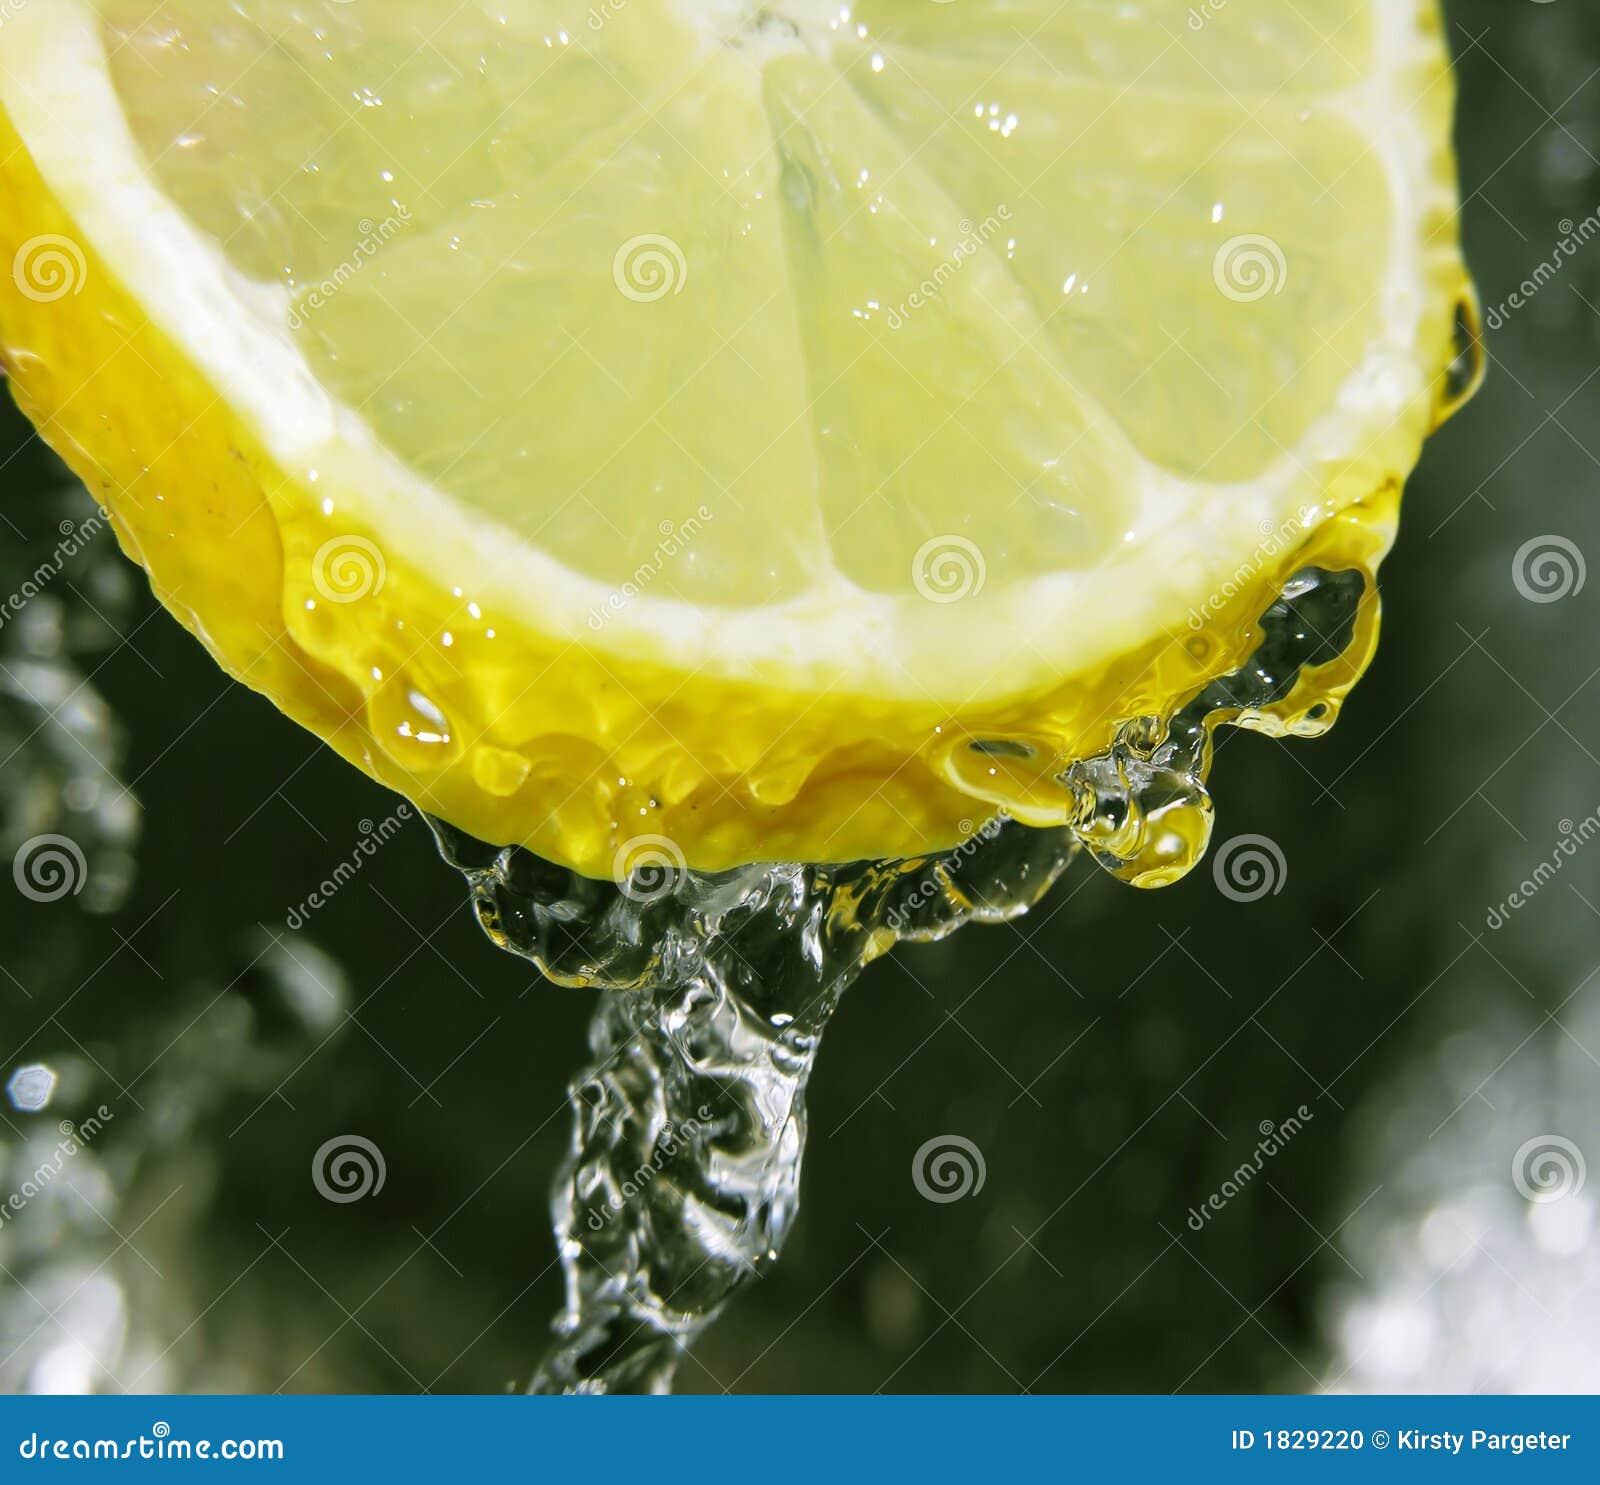 Cytryny odświeżenie